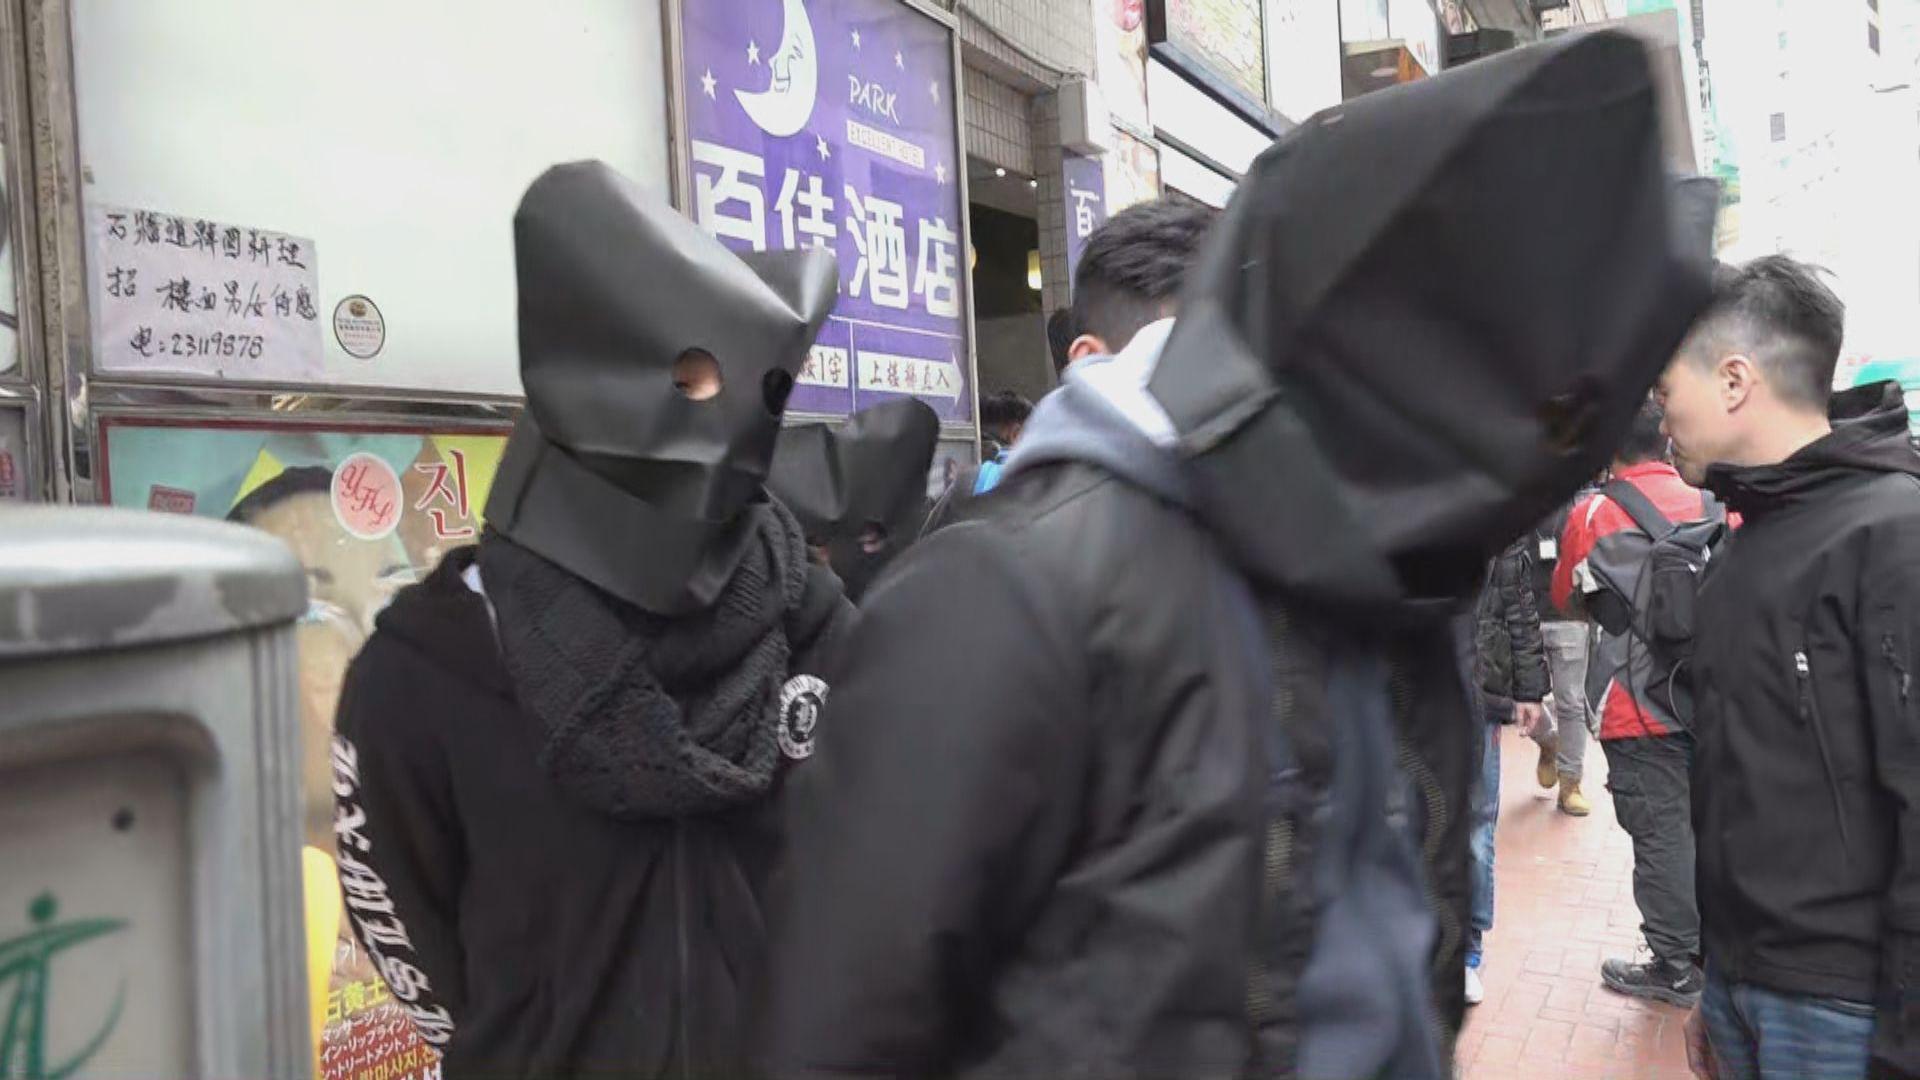 警方油尖區反黑捕19人檢毒品及武器